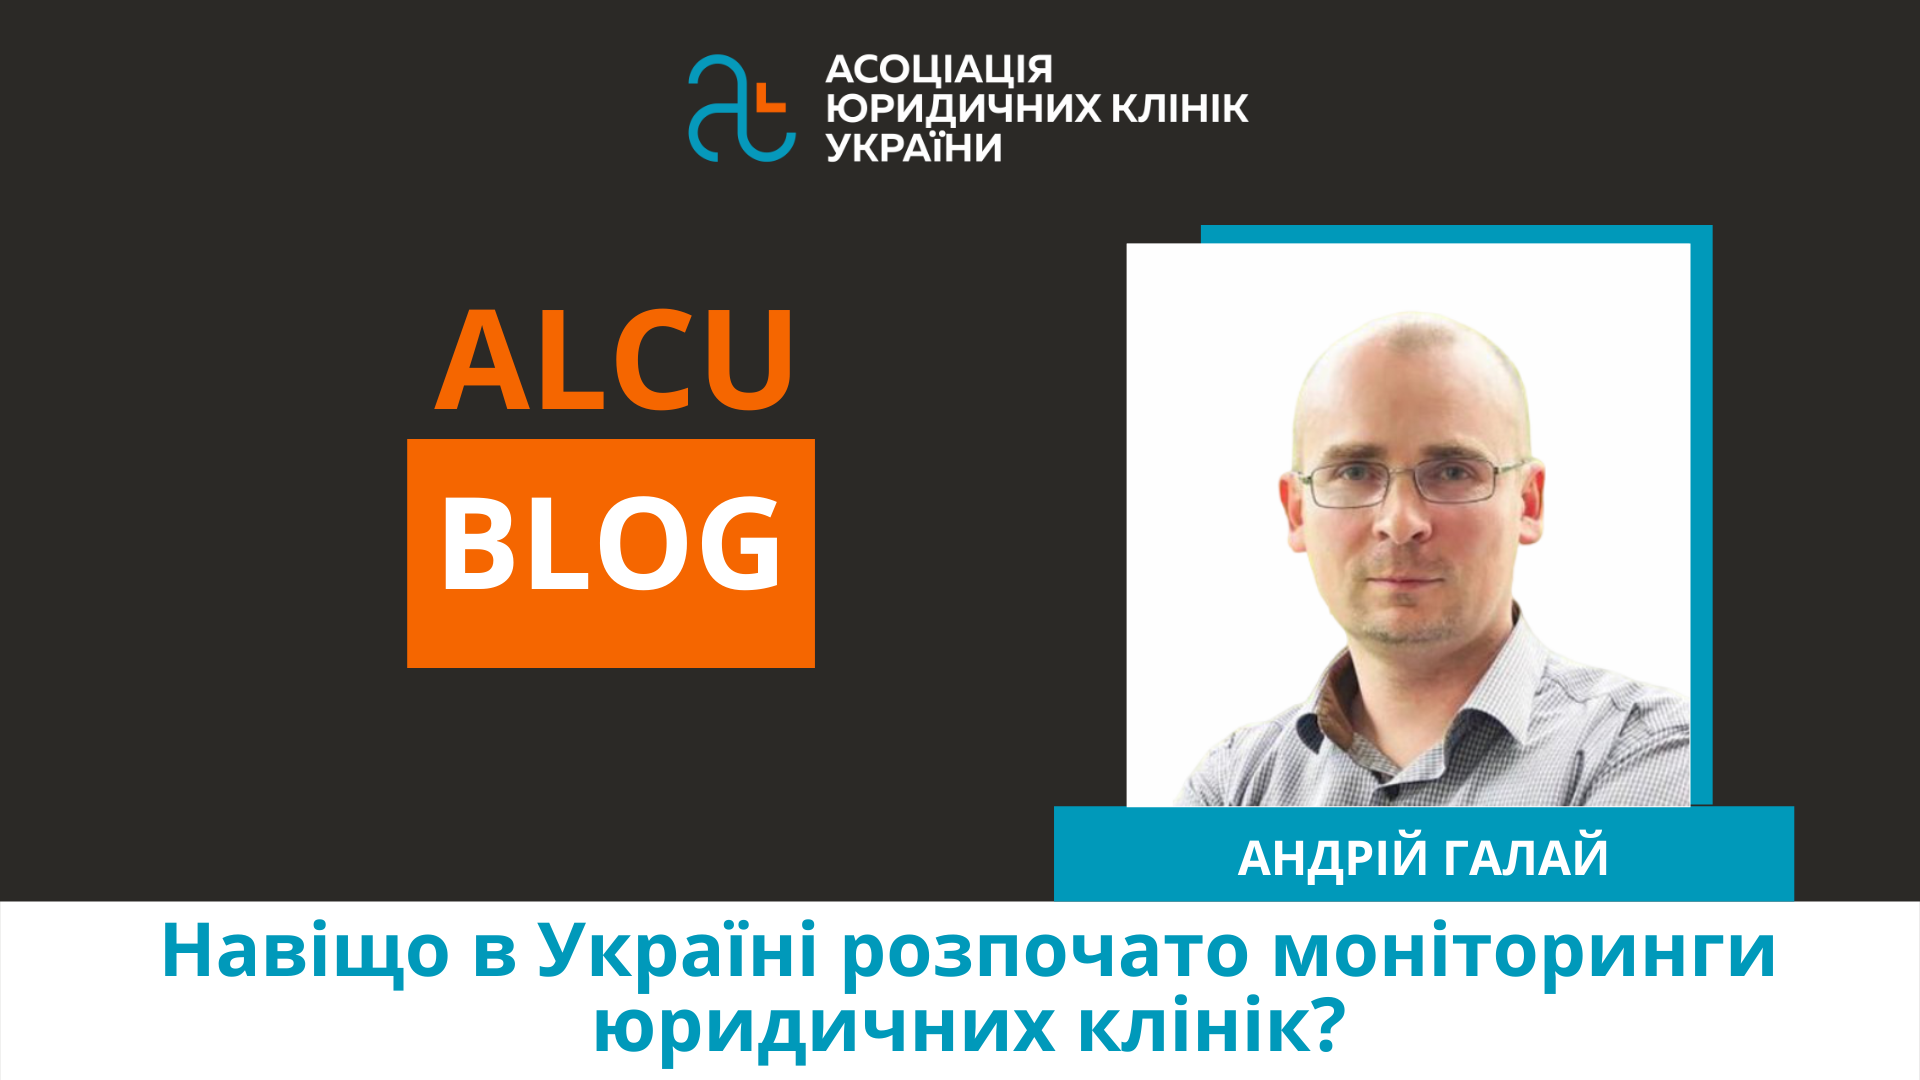 Навіщо в Україні розпочато моніторинги юридичних клінік?